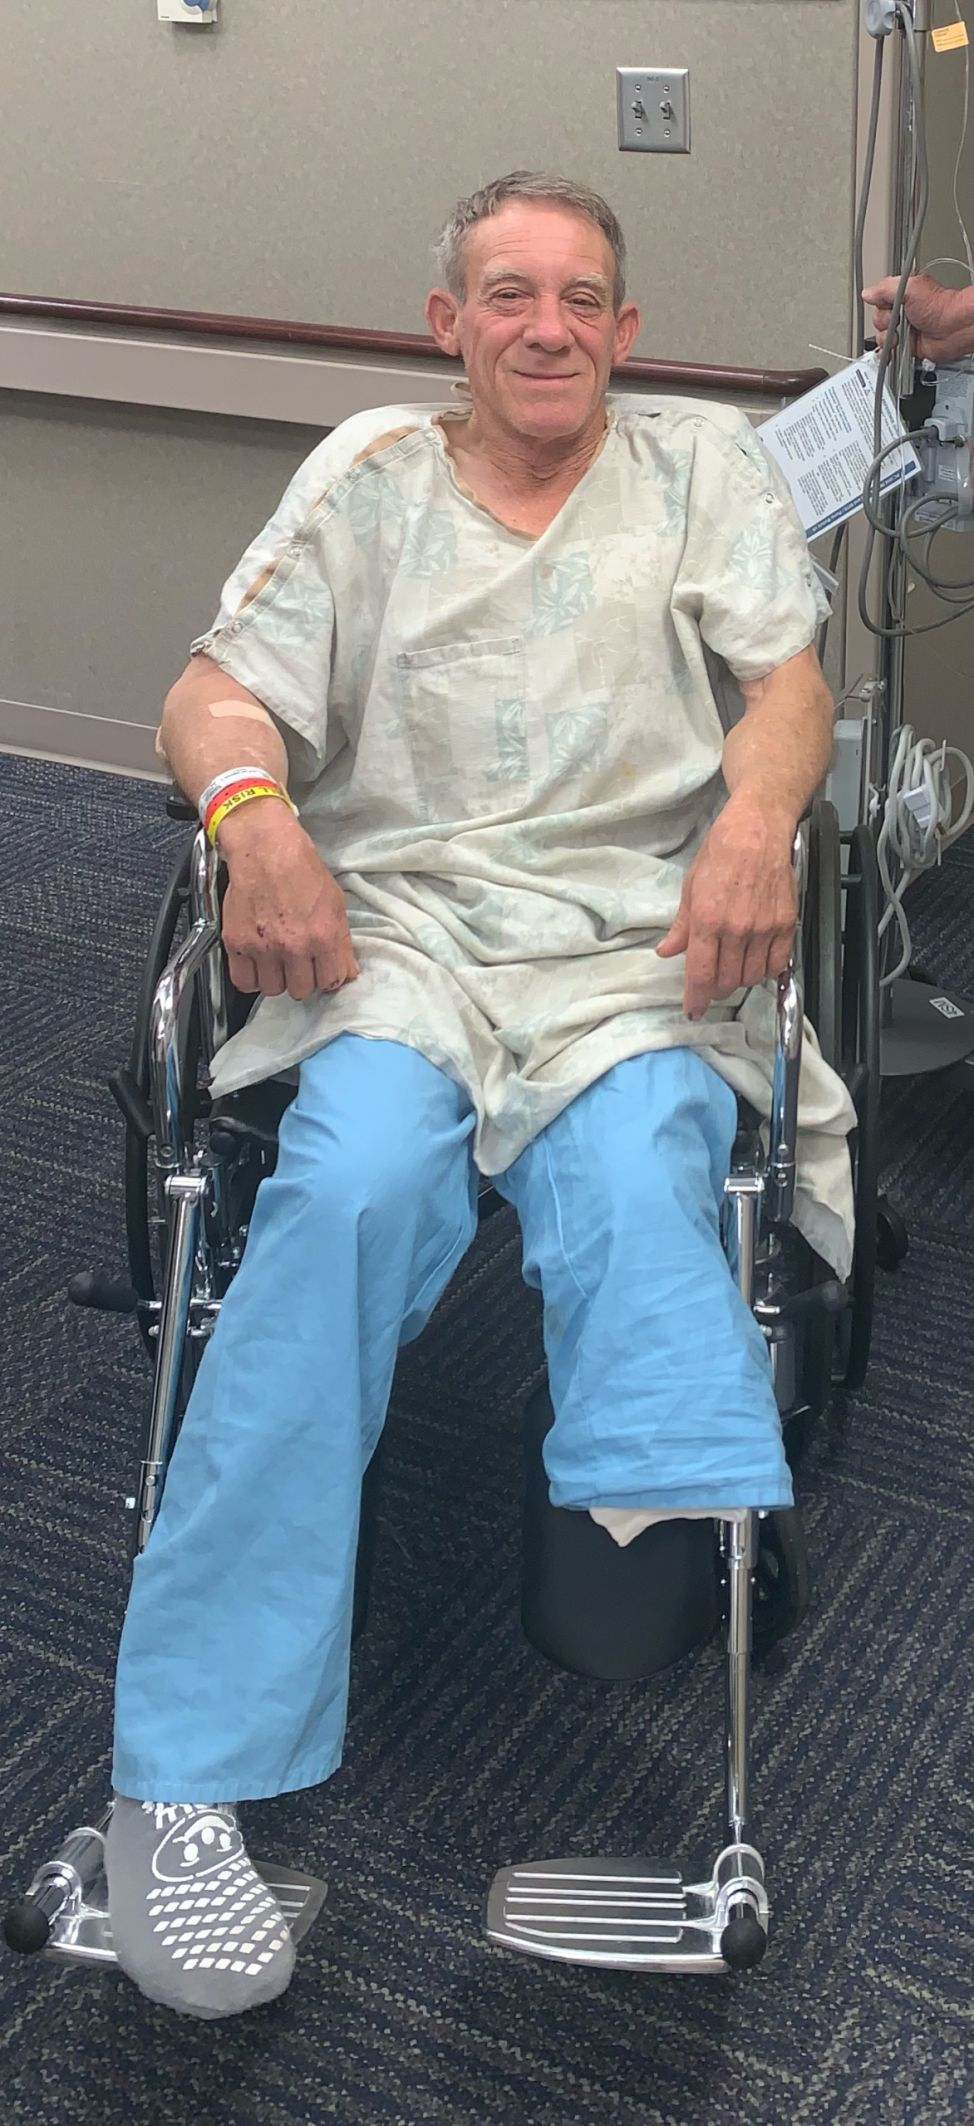 Kurt Kaser cut off part of his leg